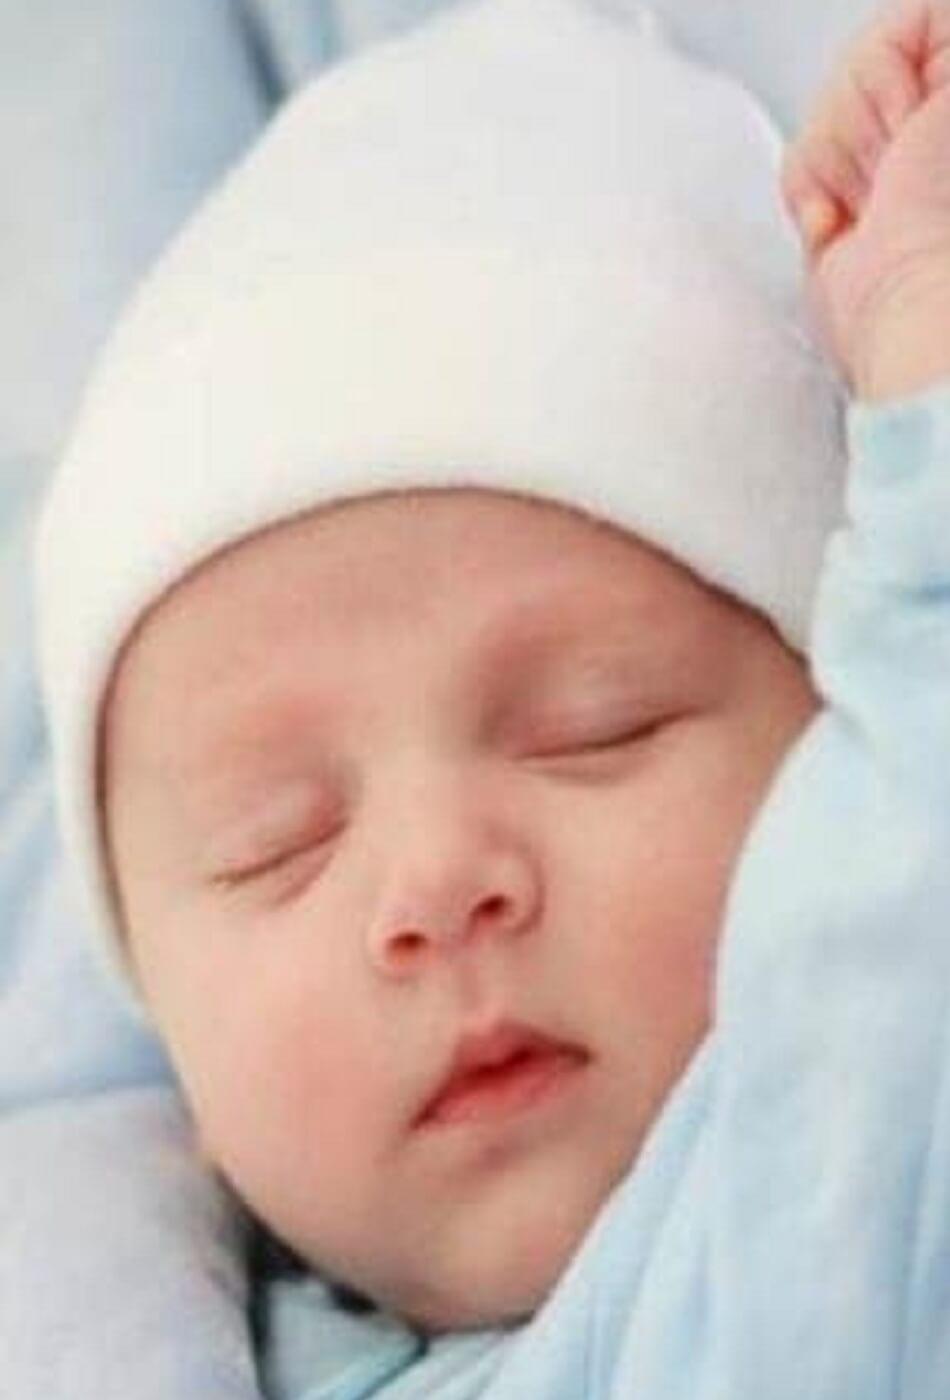 الأذان في أذن المولود عند المالكية